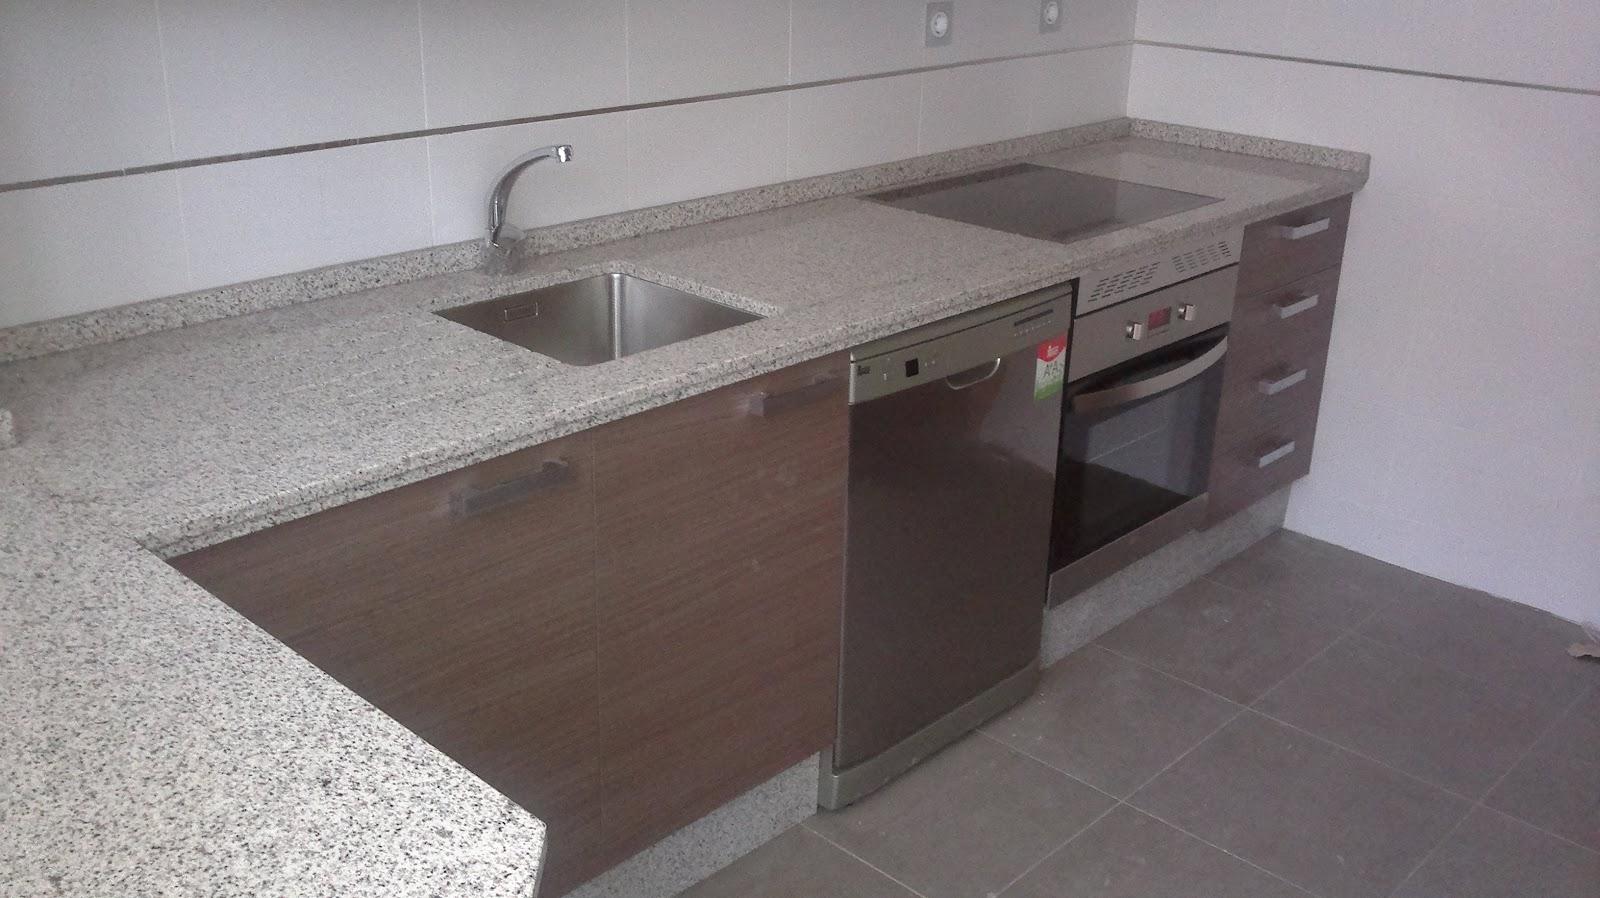 Muebles eduardo tallero muebles de cocina for Fregaderos de aluminio